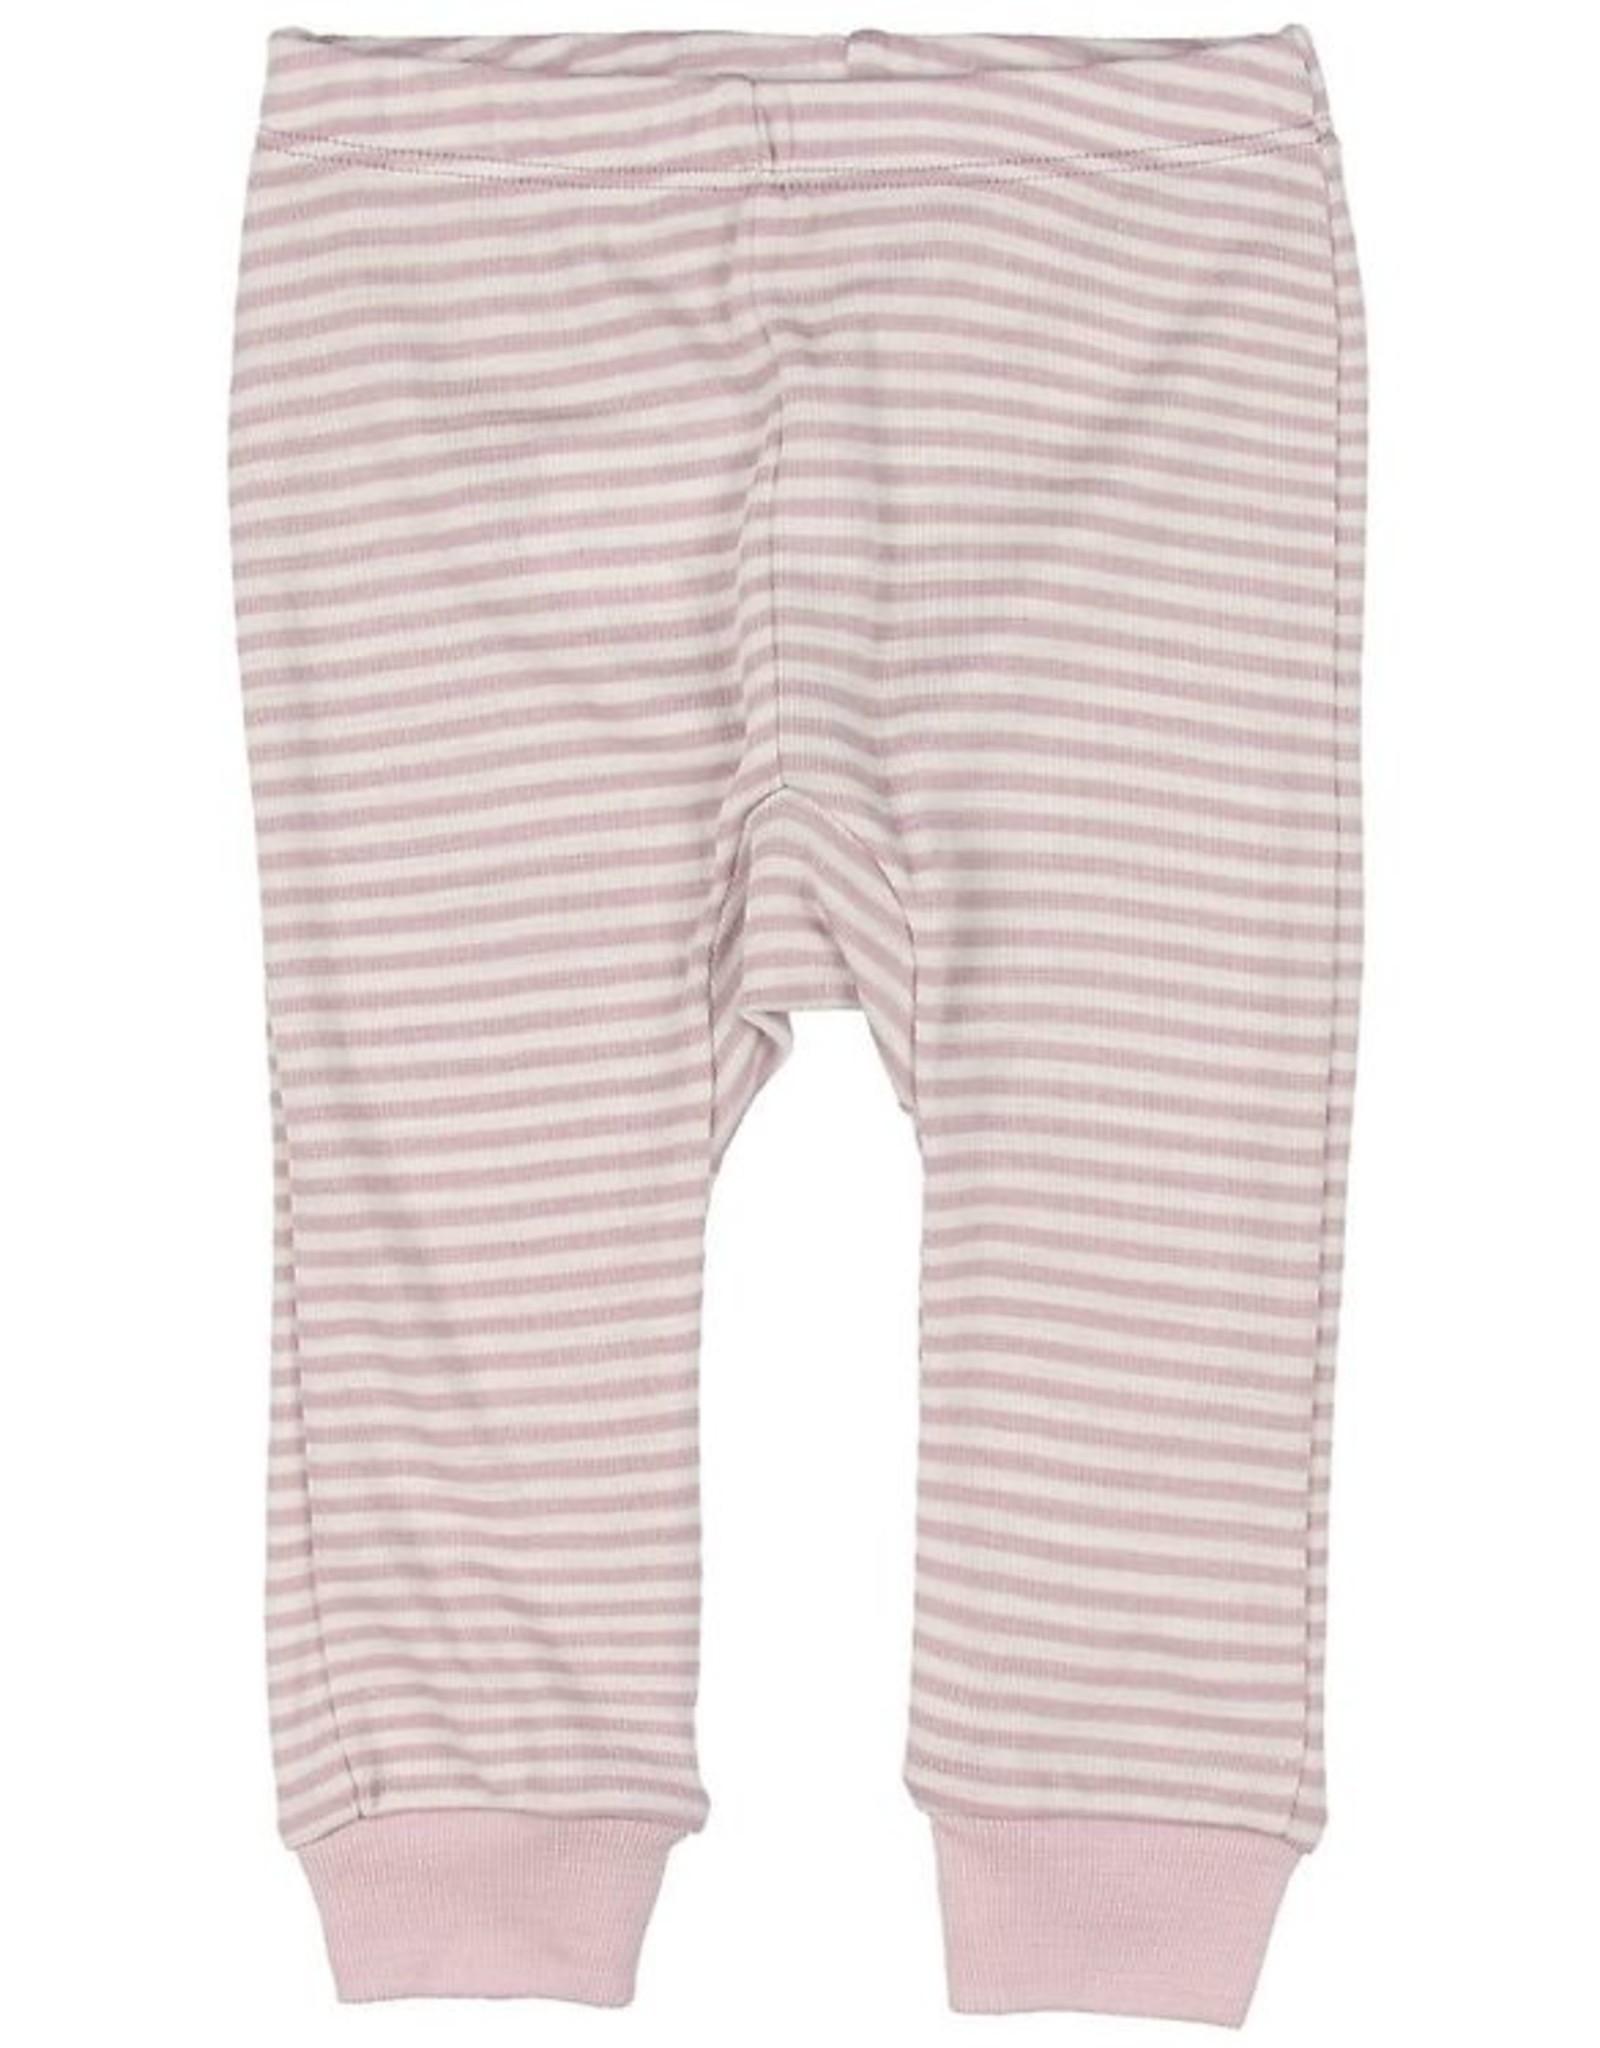 Fixoni Fixoni Wol/Zijde Legging Roze Wit Gestreept